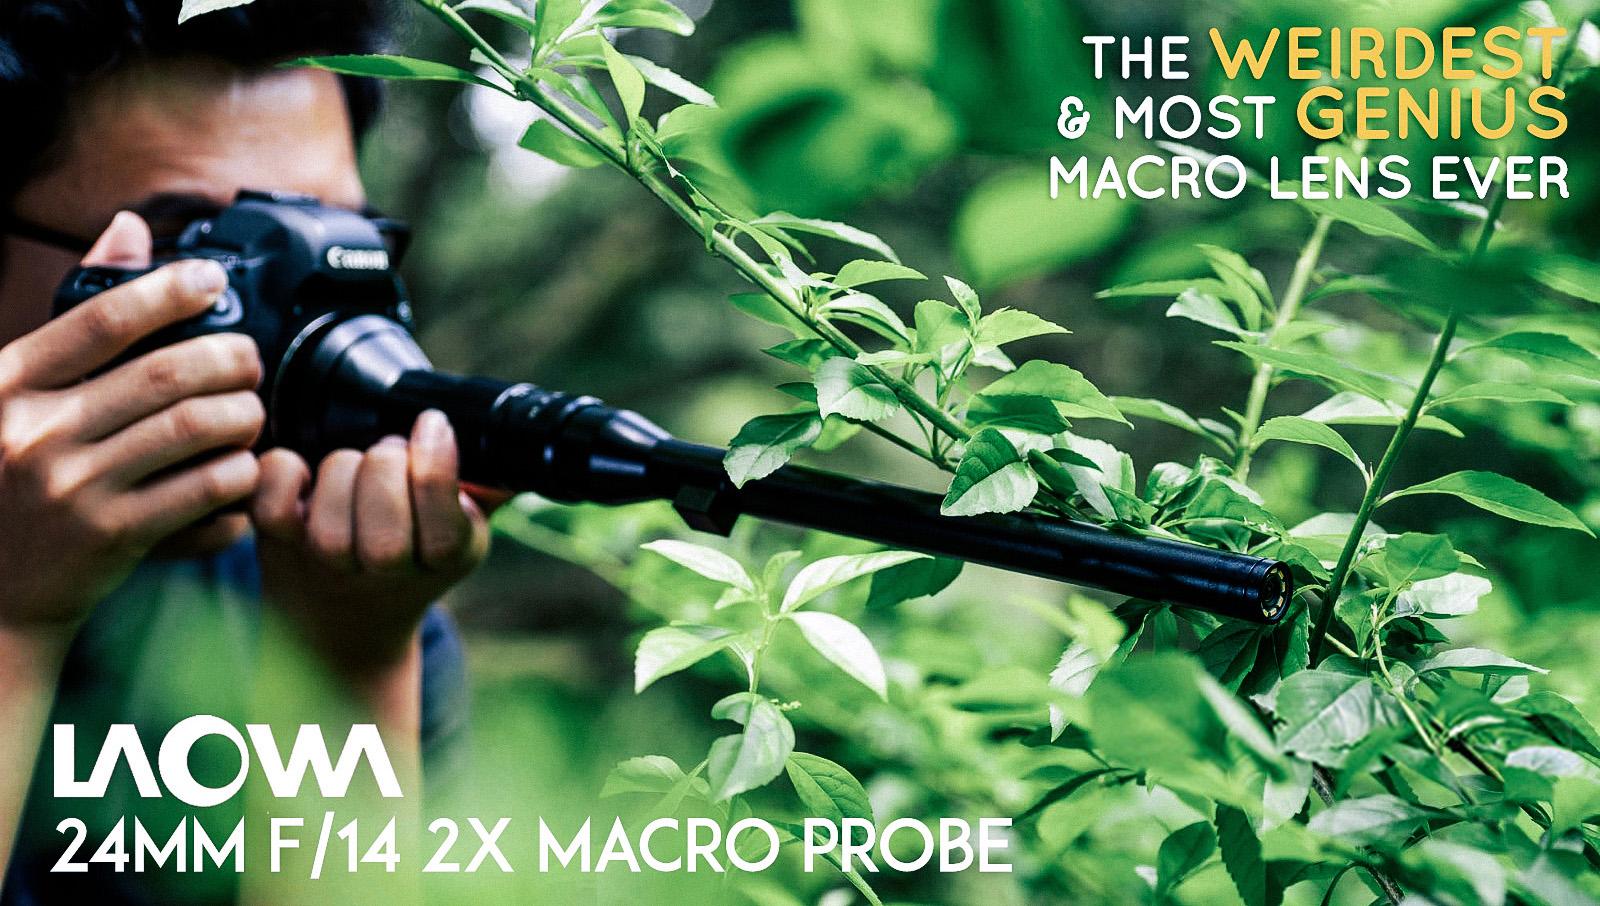 Laowa 24mm f/14 Relay 2x